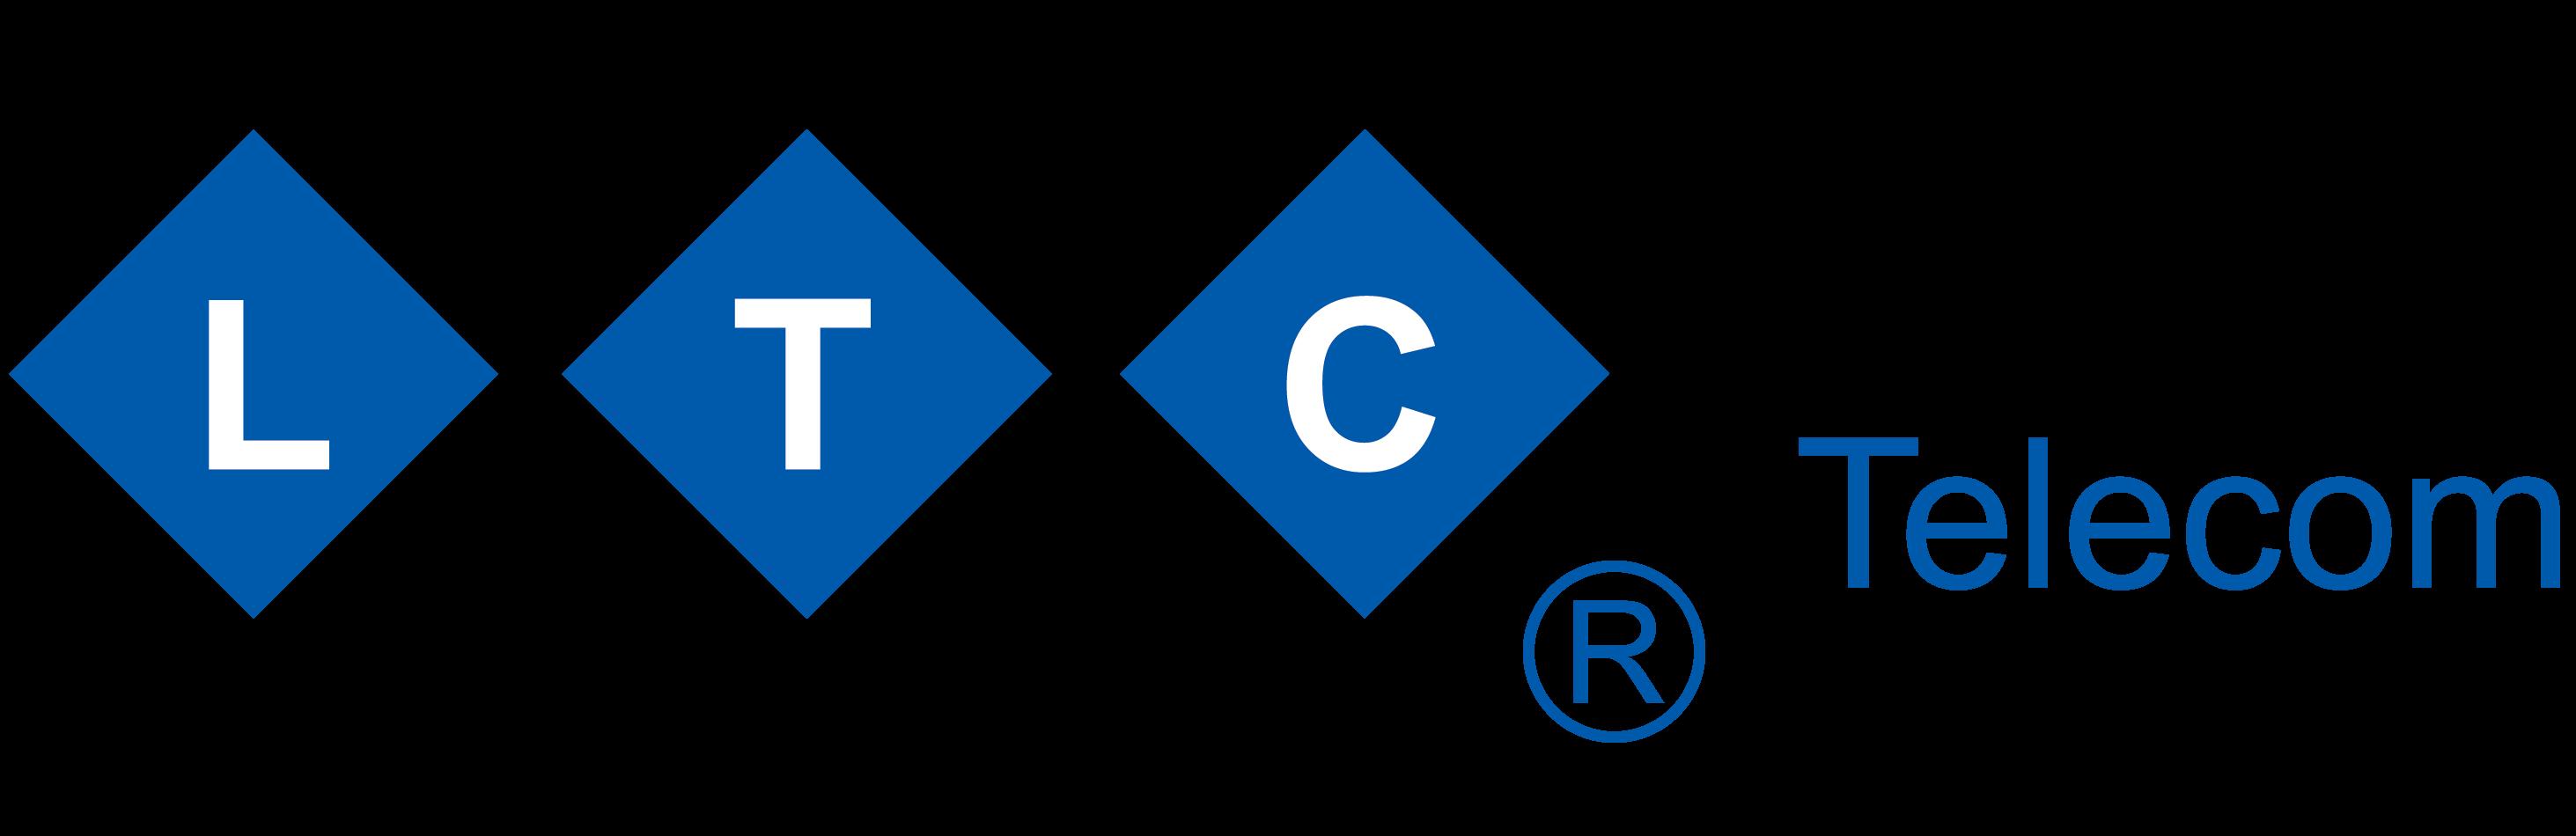 Công ty cổ phần Viễn Thông LTC